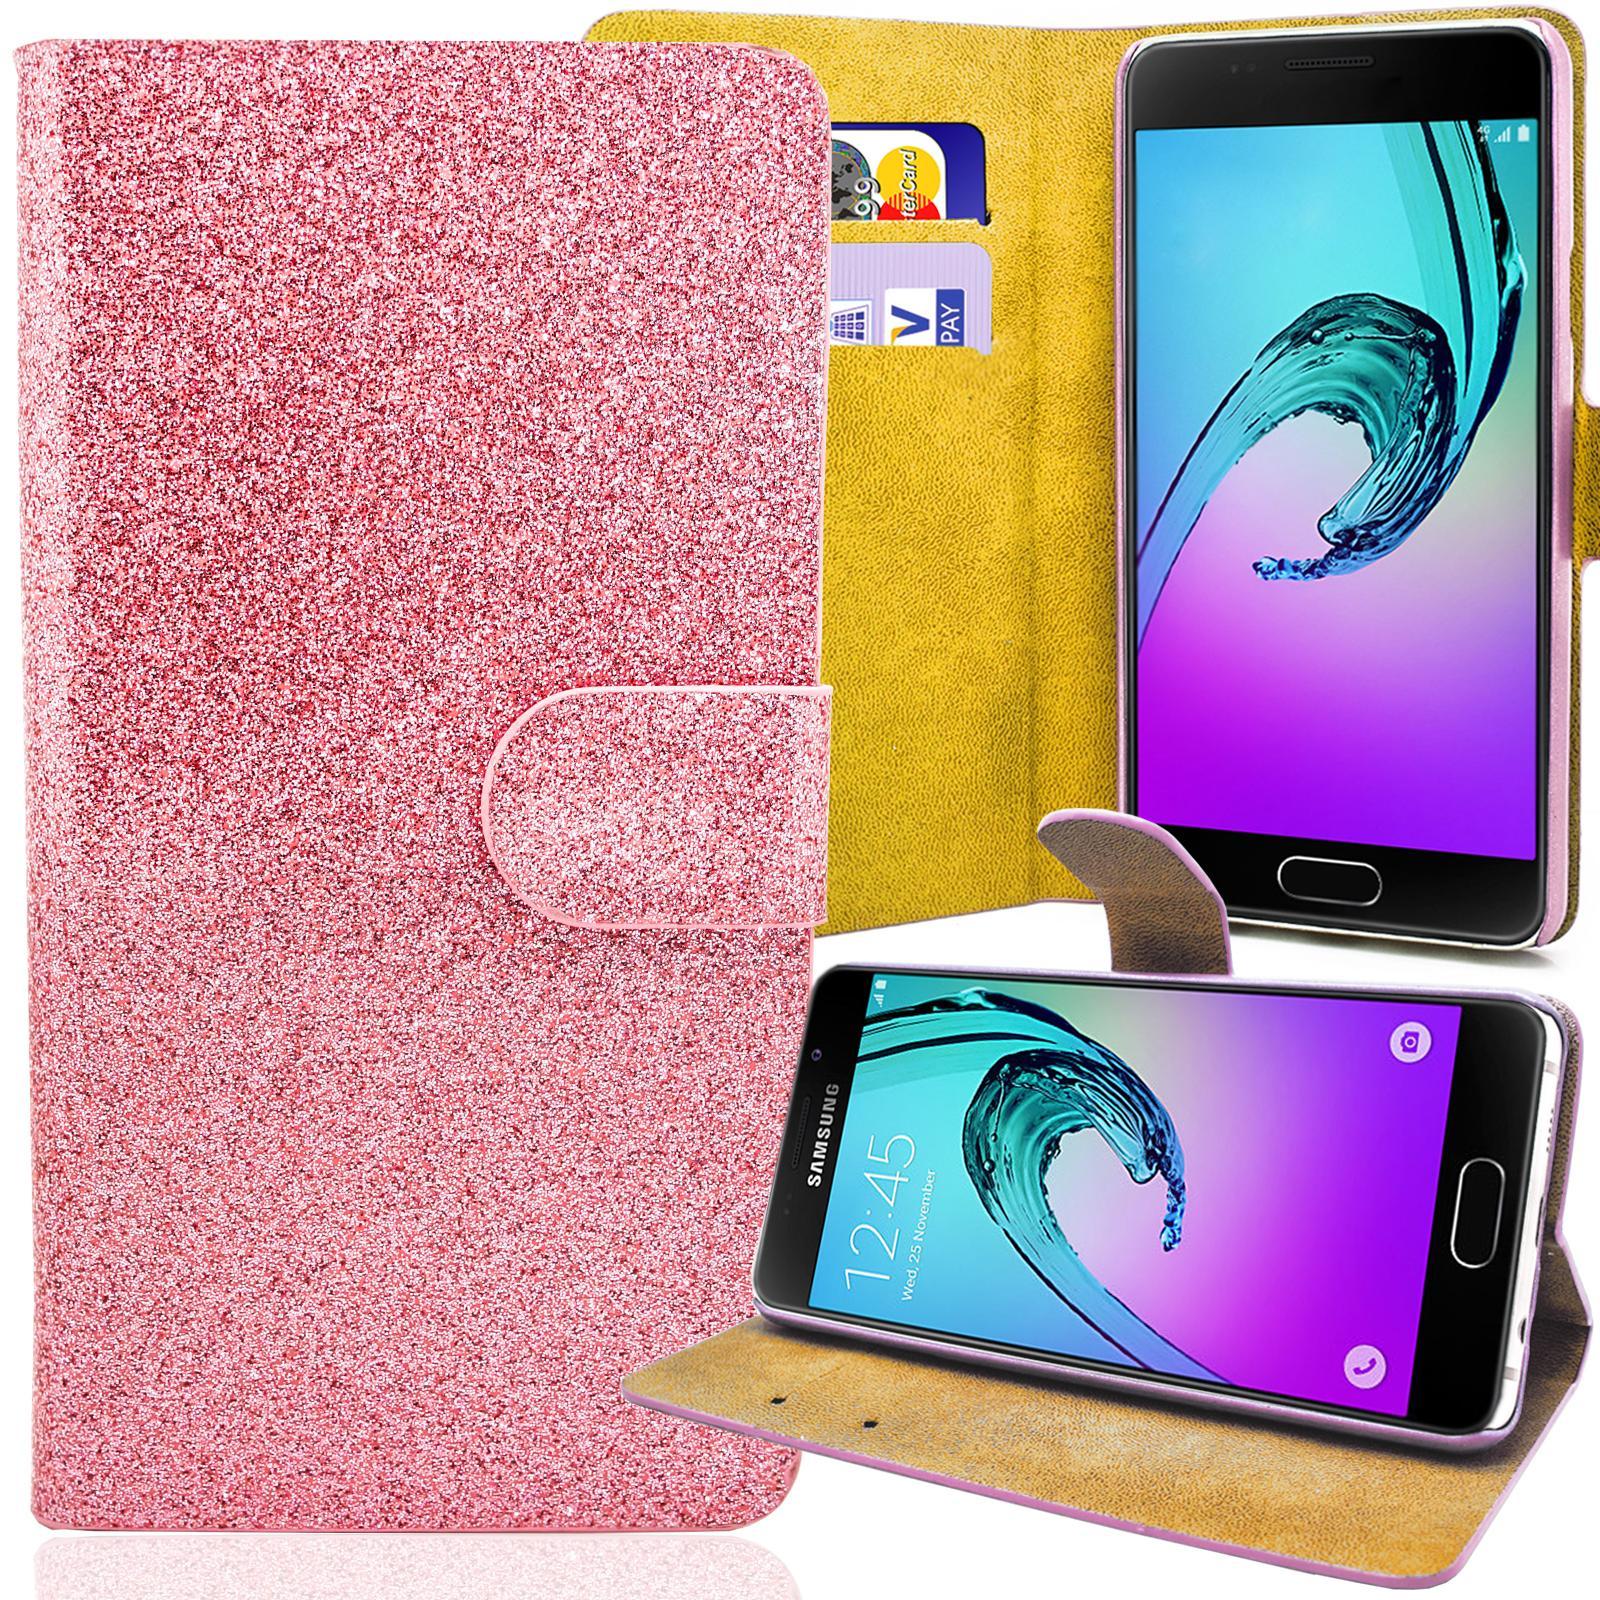 Handy tasche glitzer schutz h lle flip cover mobile case bumper wallet etui bag ebay - Er finestra mac ...